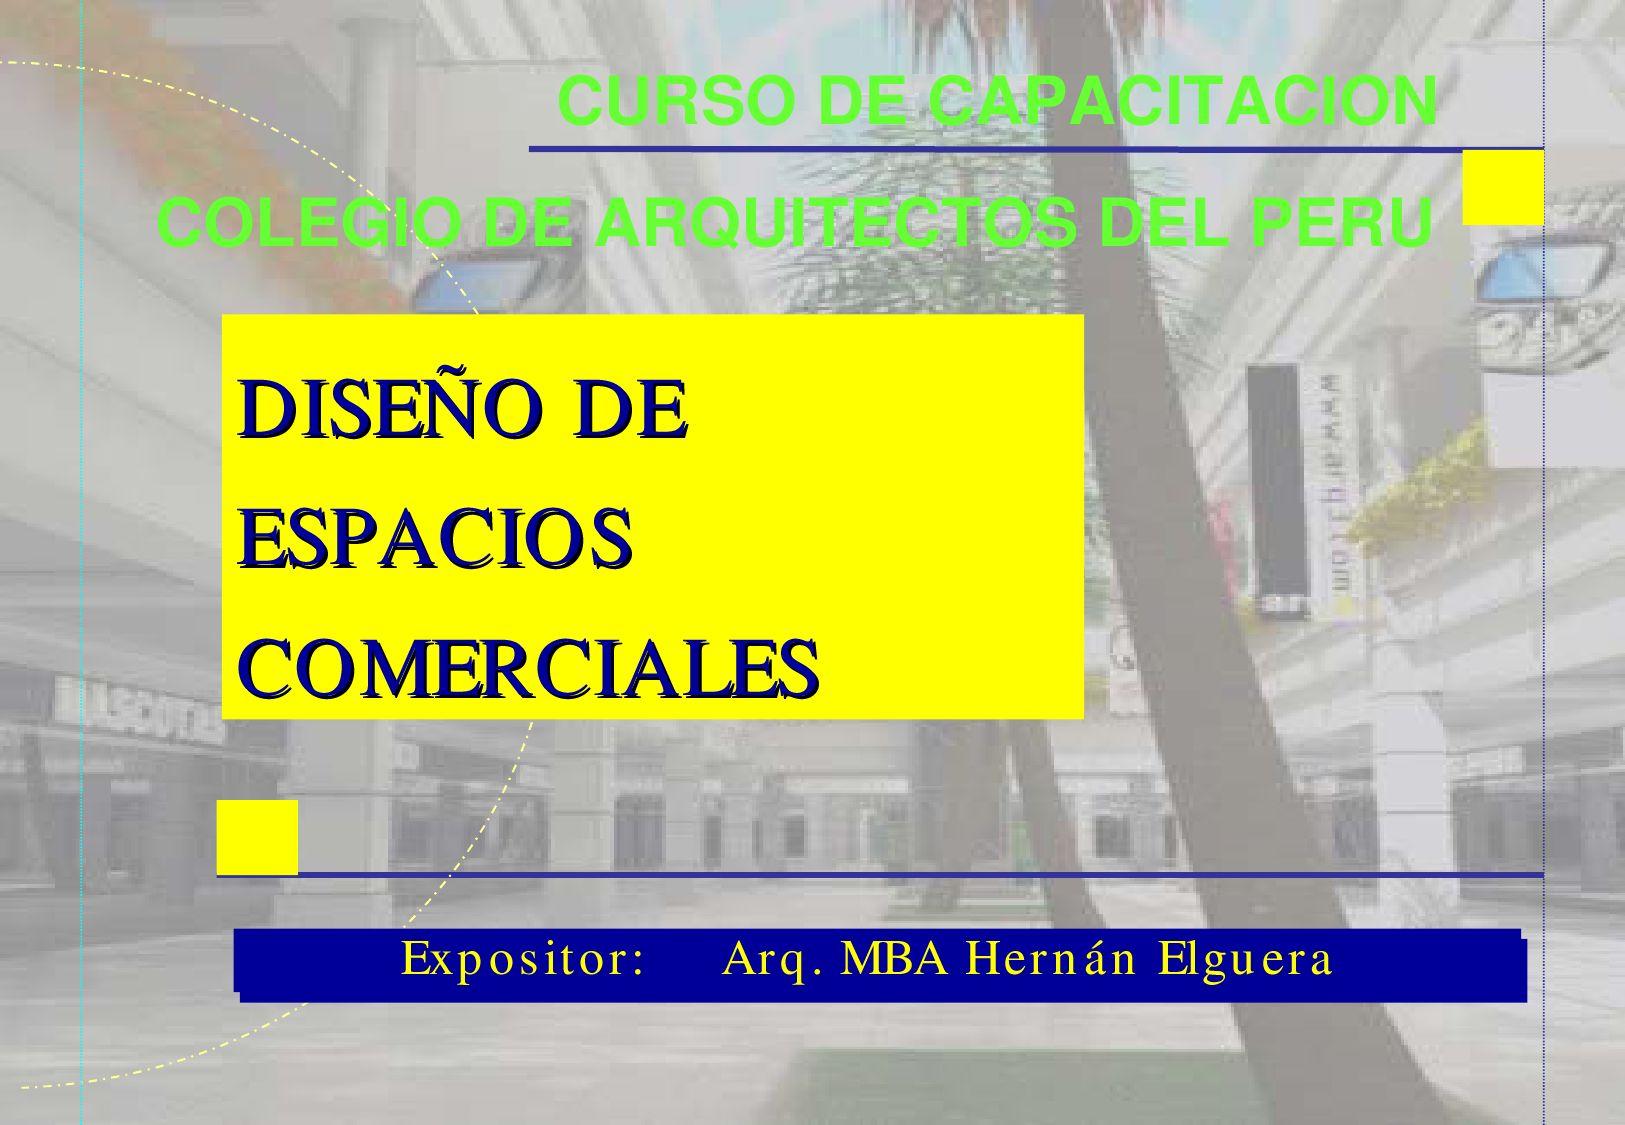 Dise o de espacios comerciales 12 by gonzalo chong issuu - Espacios comerciales arquitectura ...